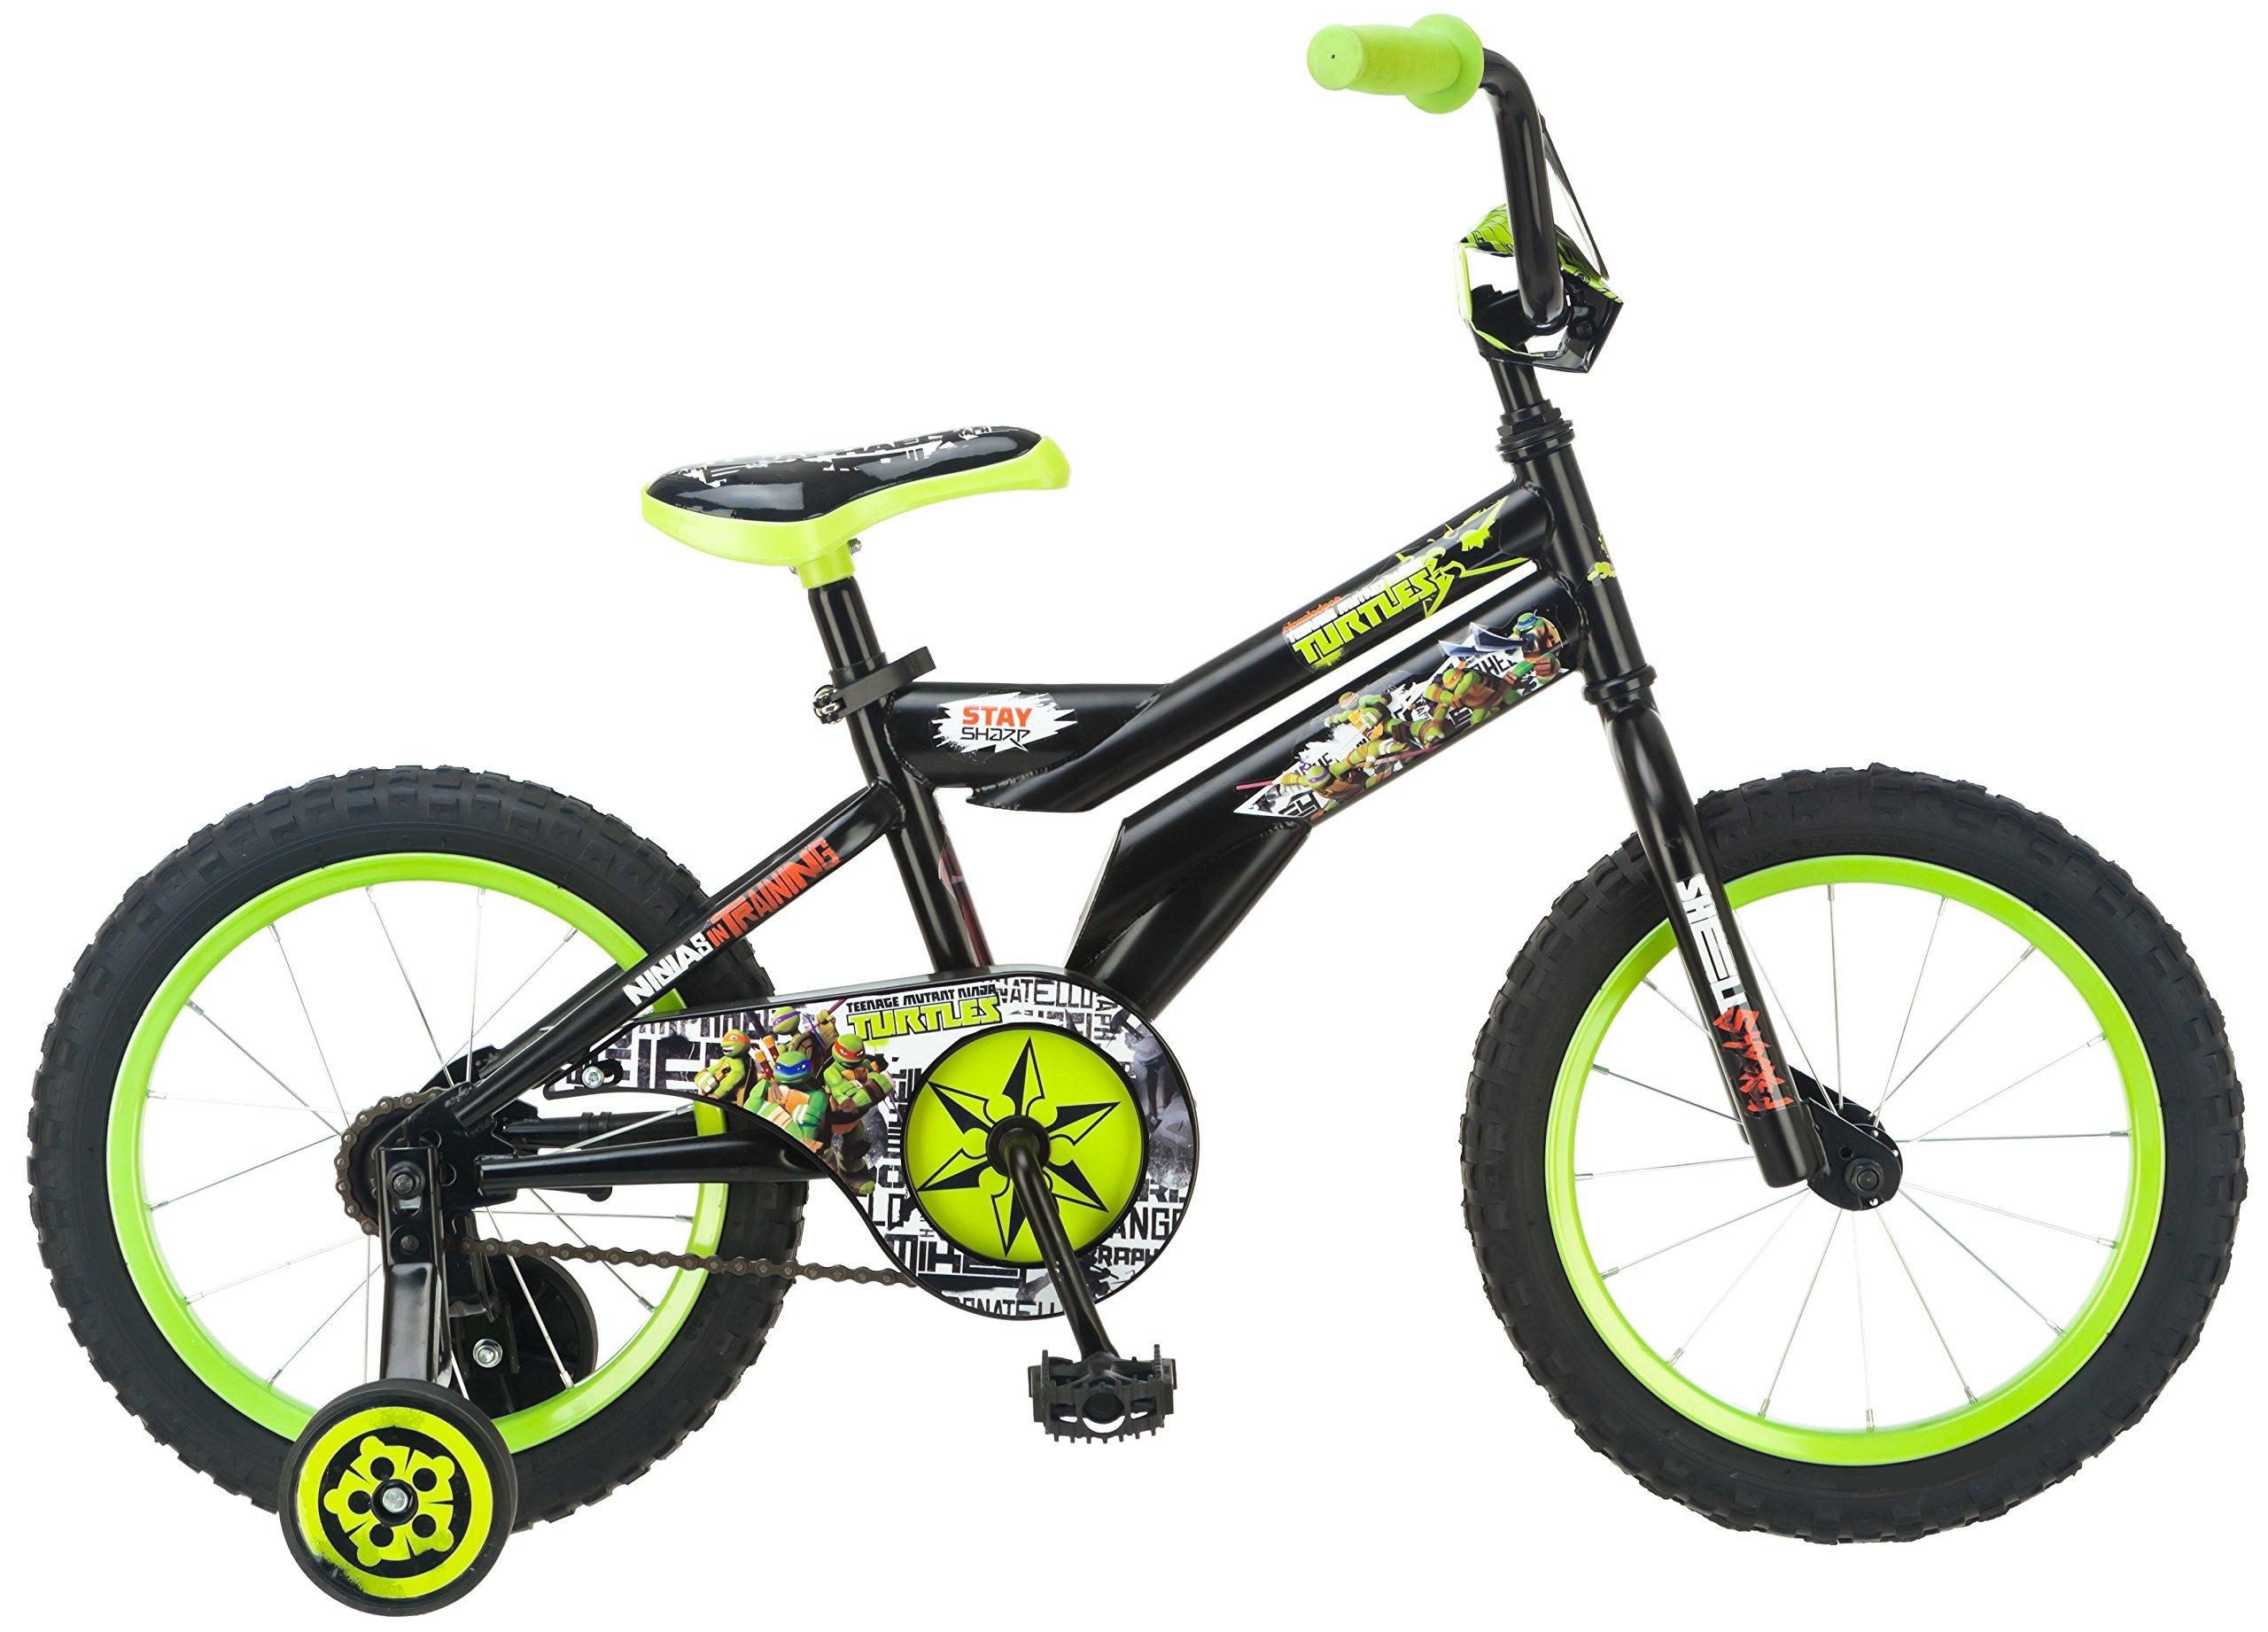 Teenage Mutant Ninja Turtles Boy's Bicycle, 16-Inch, Black by Nickelodeon